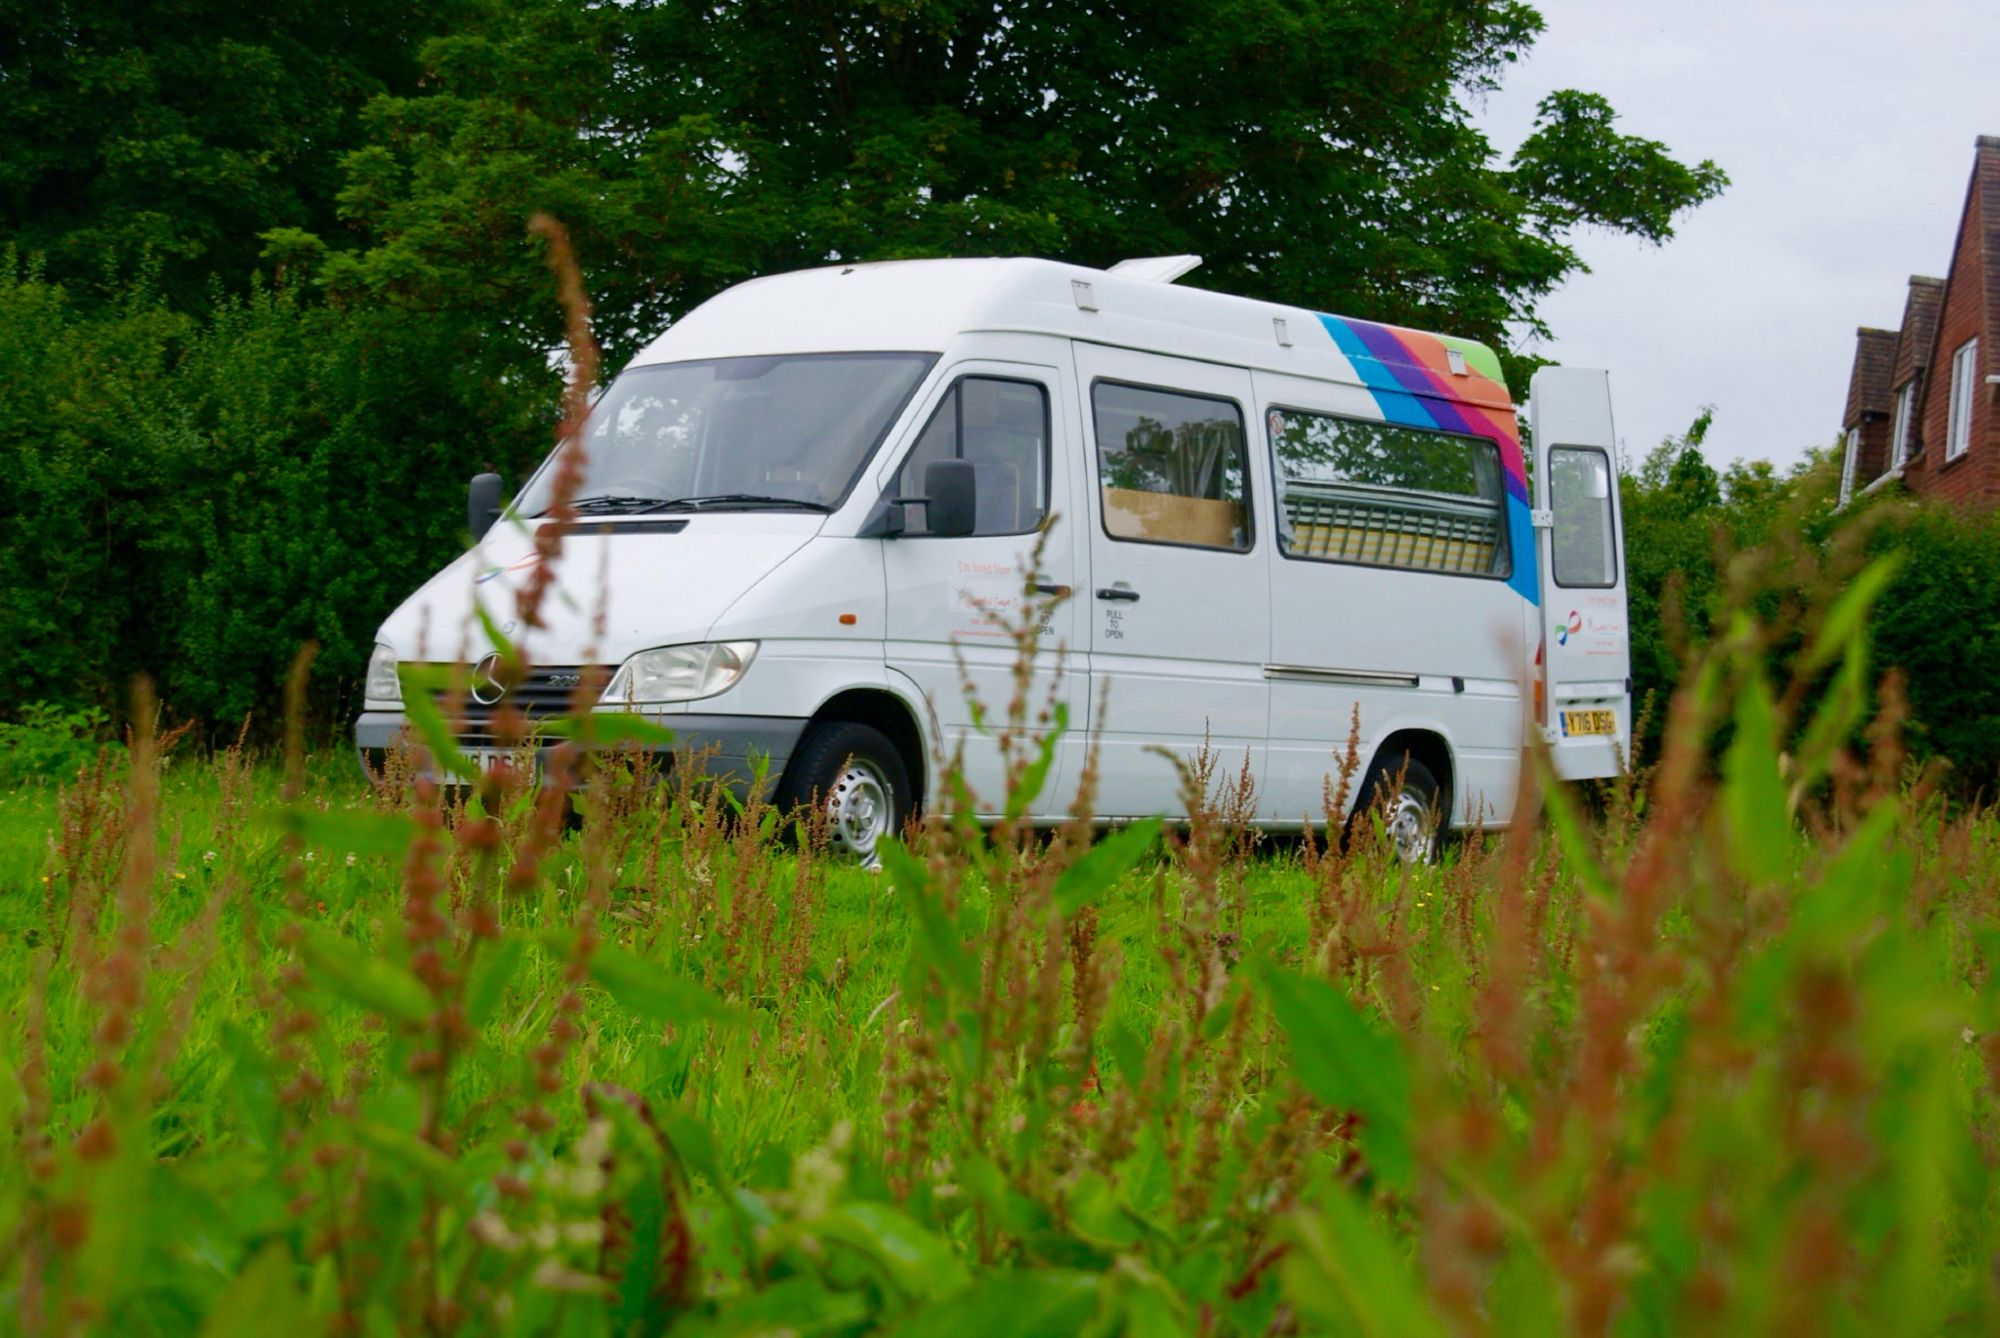 Win campervan hire courtesy of Wanderlust Camper Co!